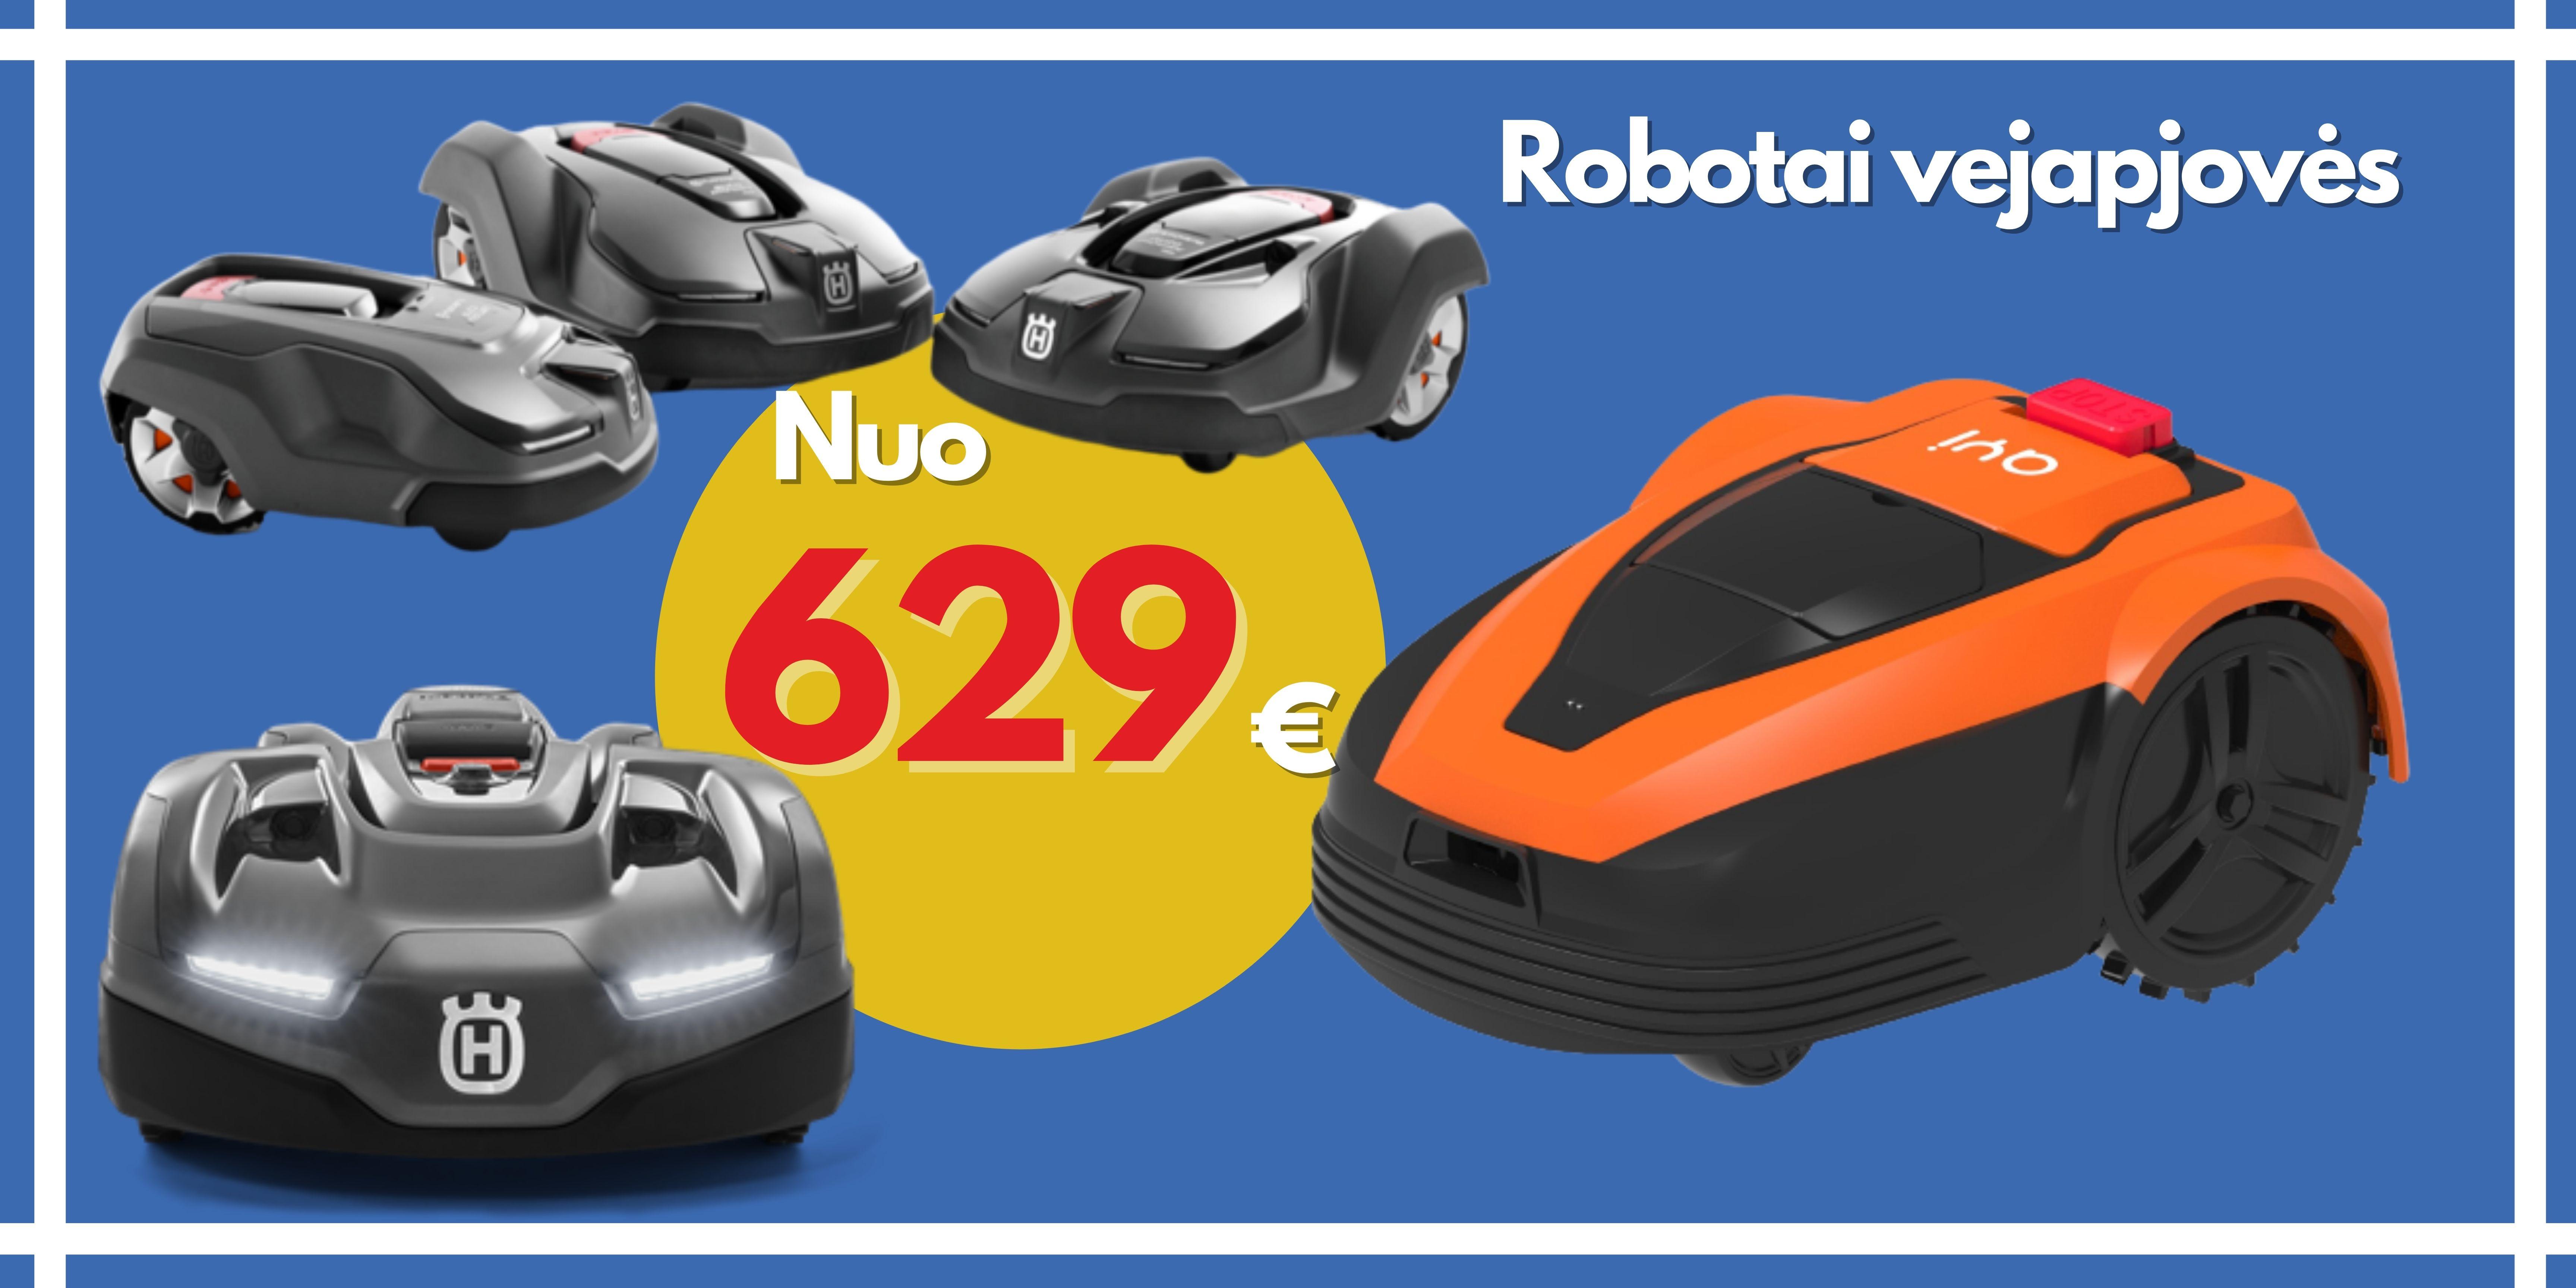 Robotai Vejapjovės Geriausia kaina Būsto Pasaulis